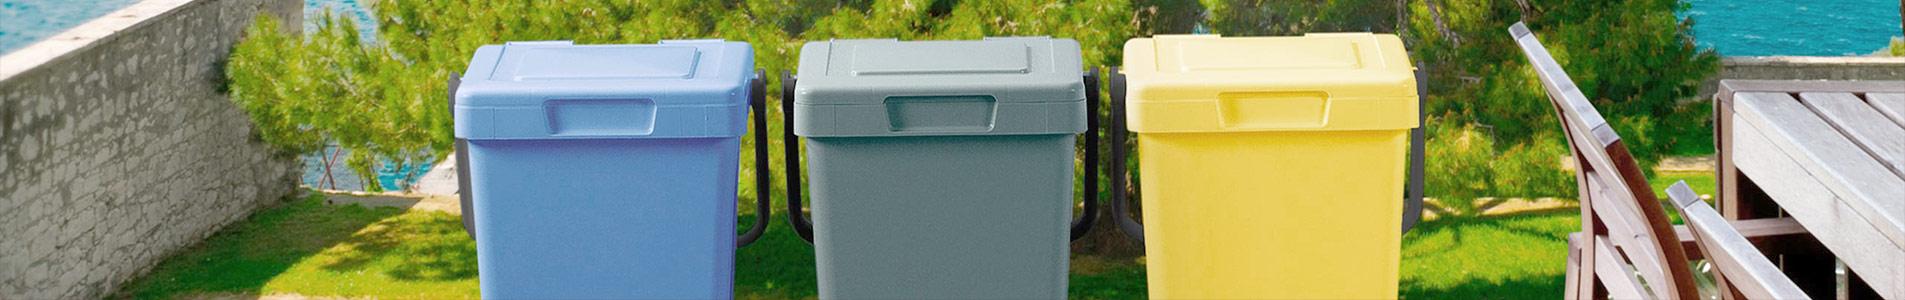 Produse reciclare selectiva a deseurilor Matiussi, Italia